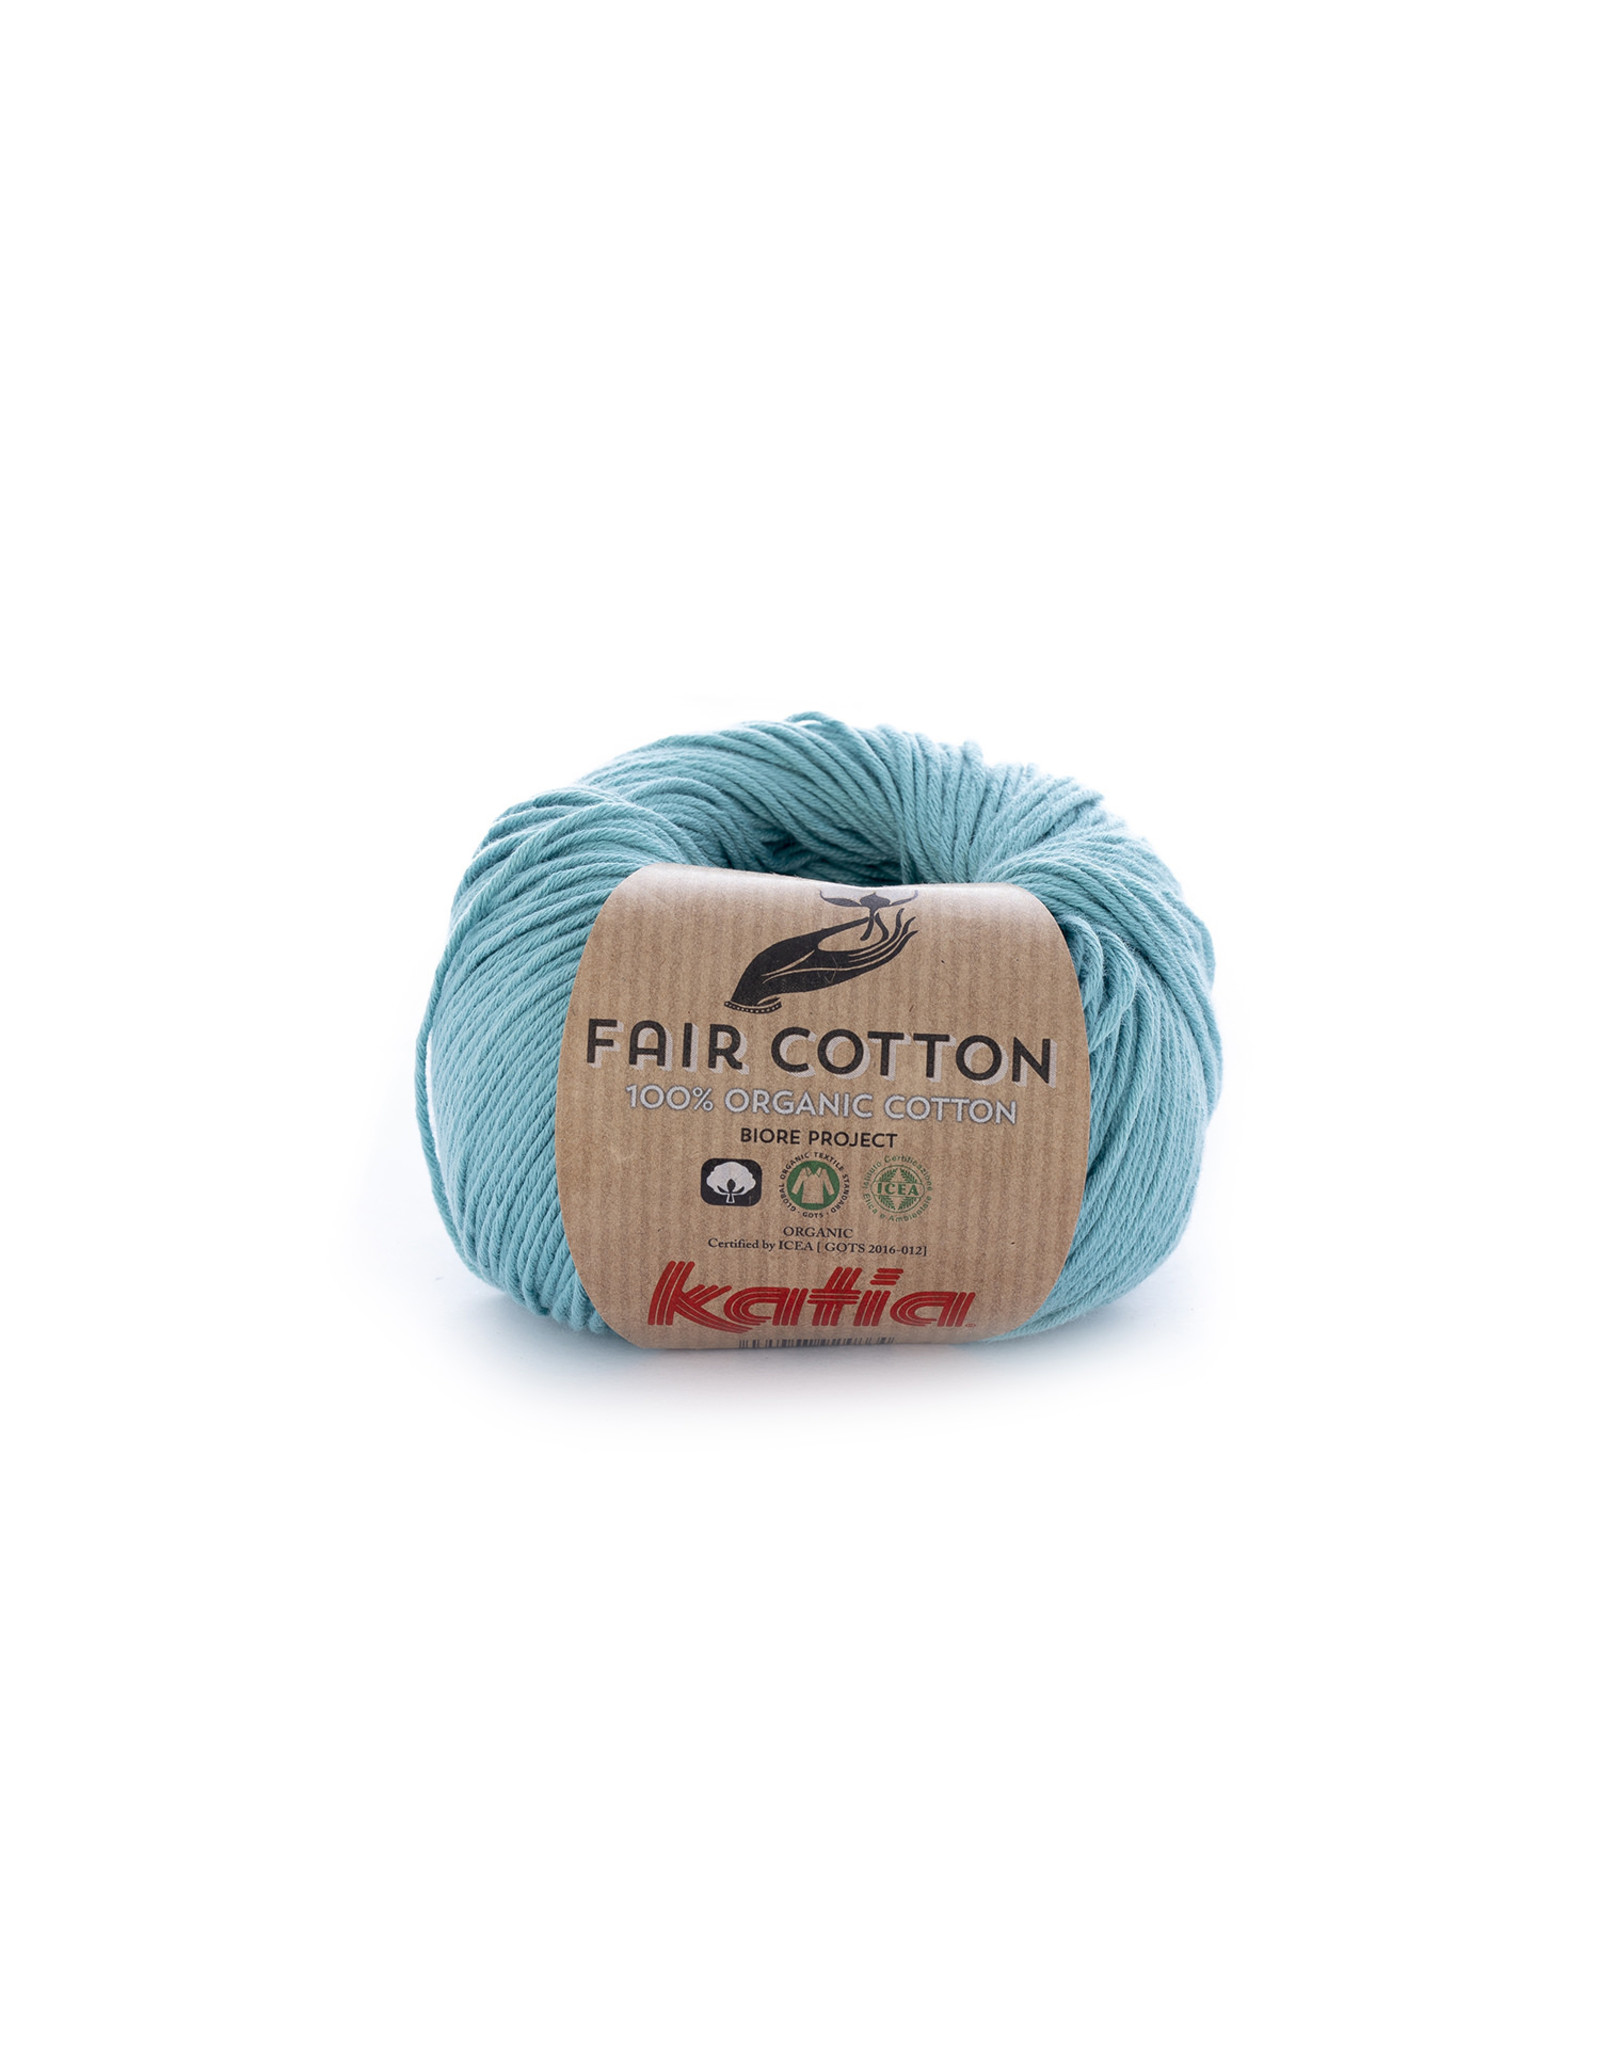 Katia Katia Fair Cotton Kleur 16 - turquoise - 100% biol. GOTS katoengaren - bundel 5 x 50 gr./155 m.